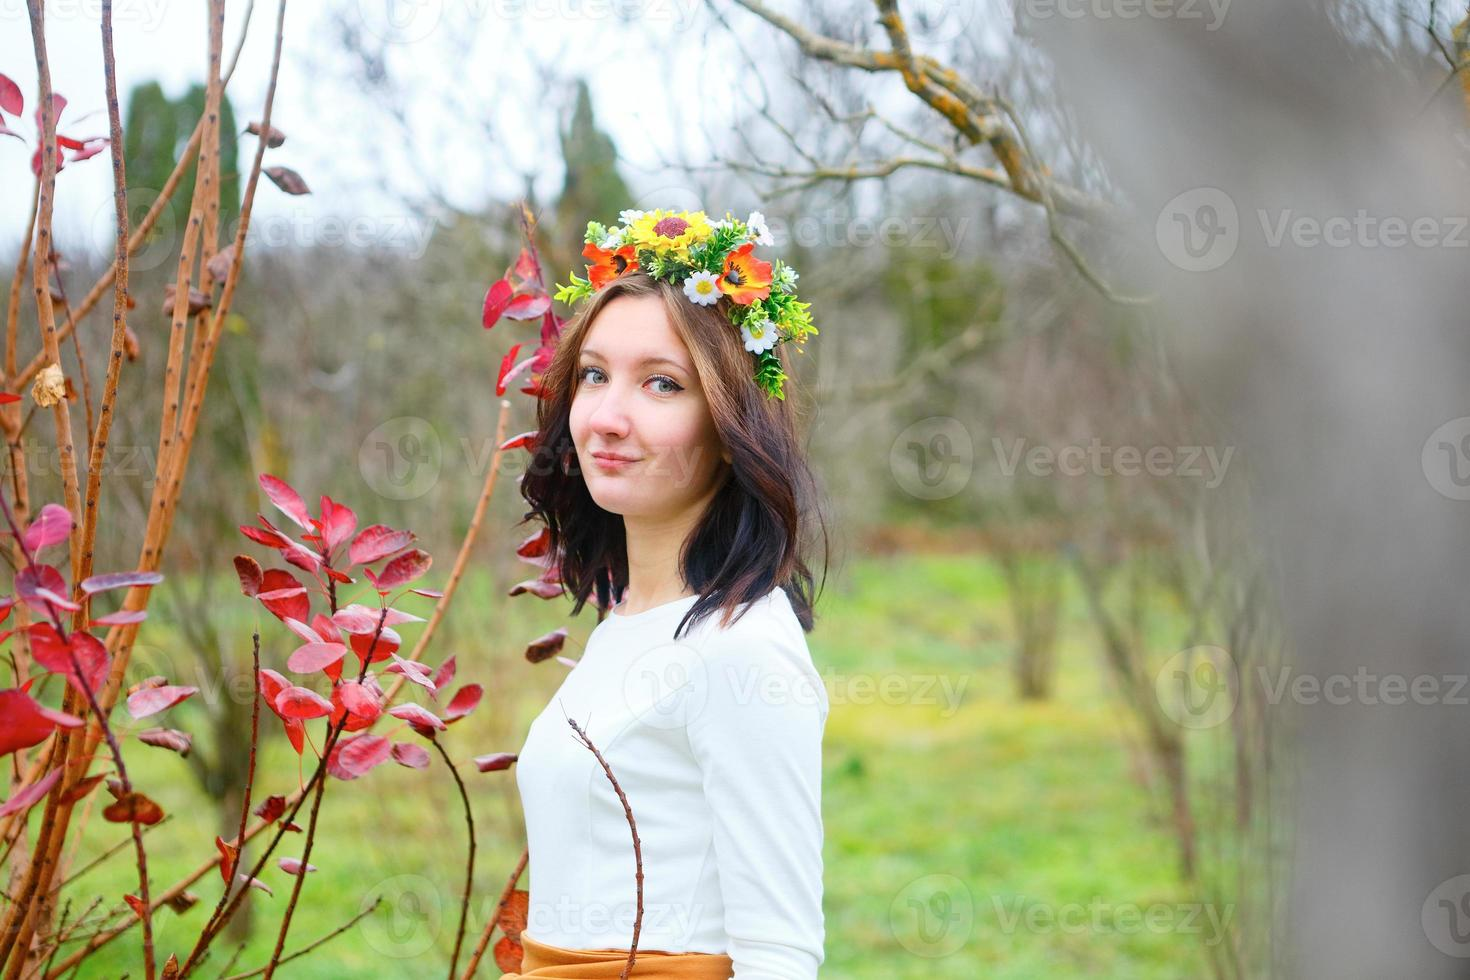 ragazza bruna con ghirlanda di fiori nel parco in autunno foto